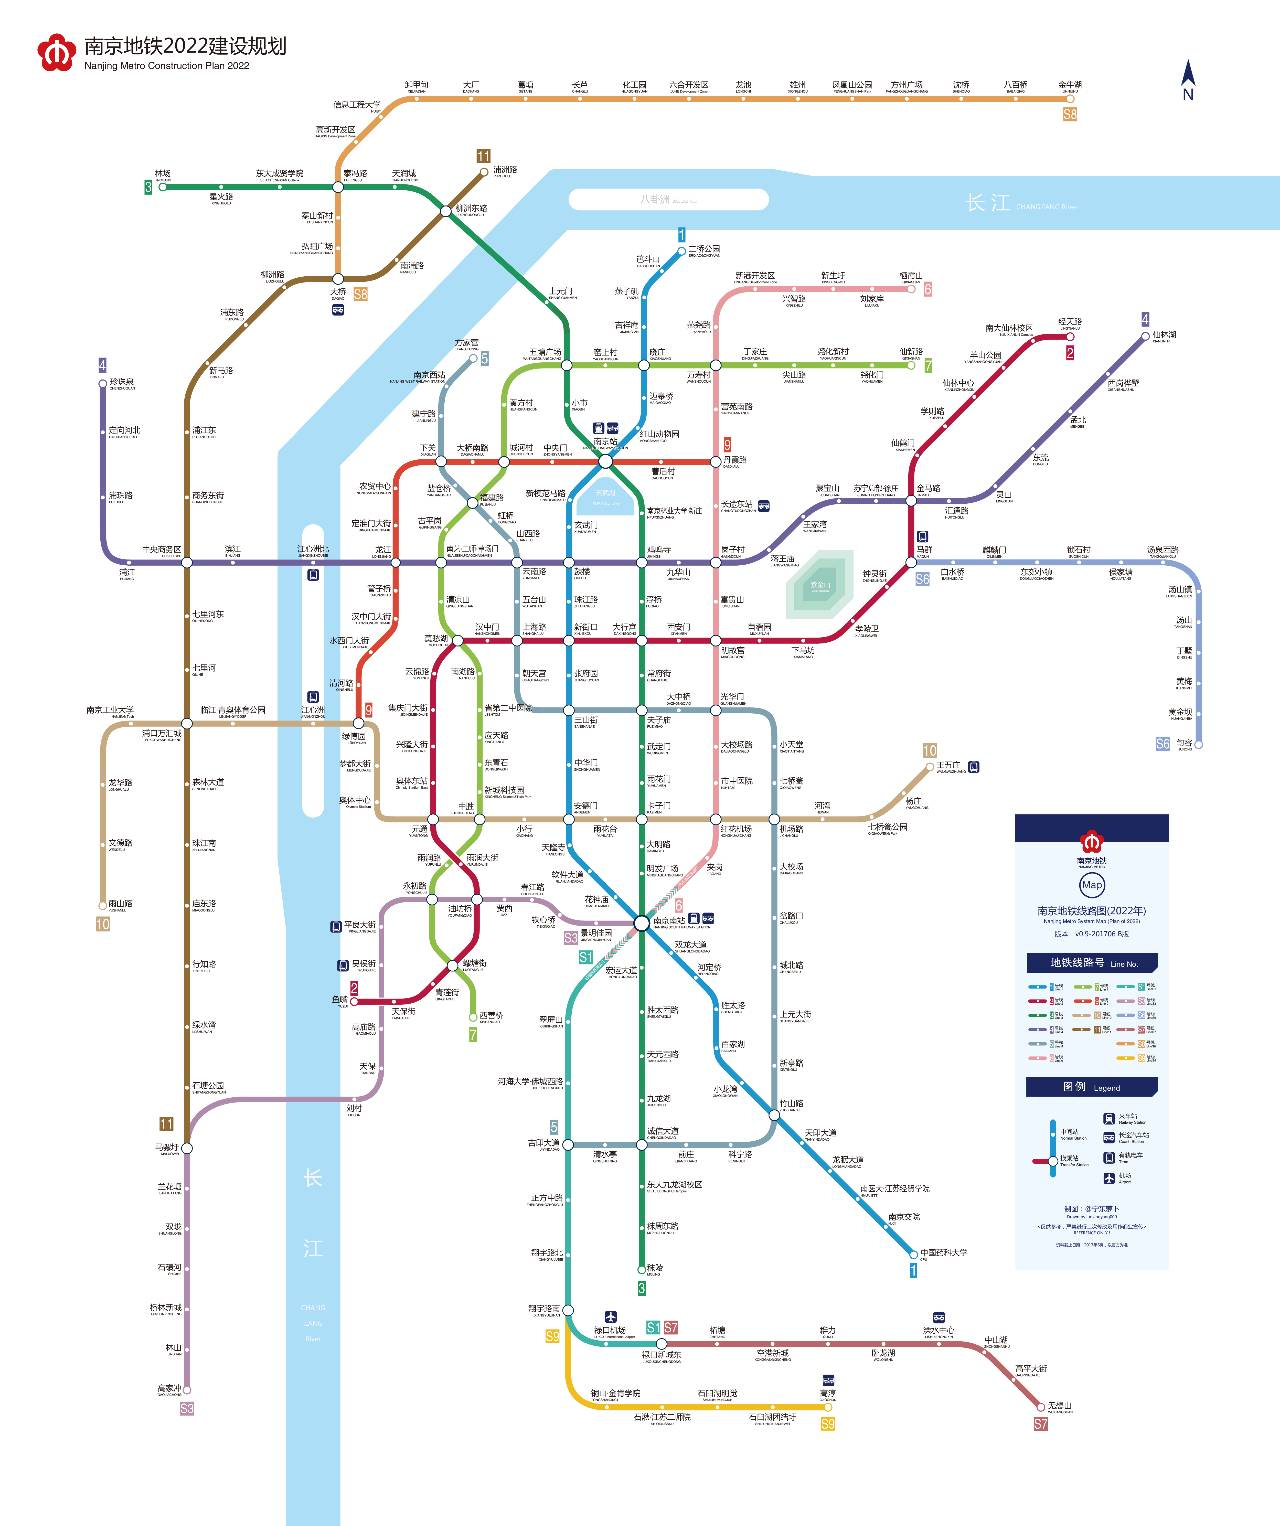 南京编个区要逆天!未唻蒋有12条地铁!看看哪个地铁站经过尼家门口?